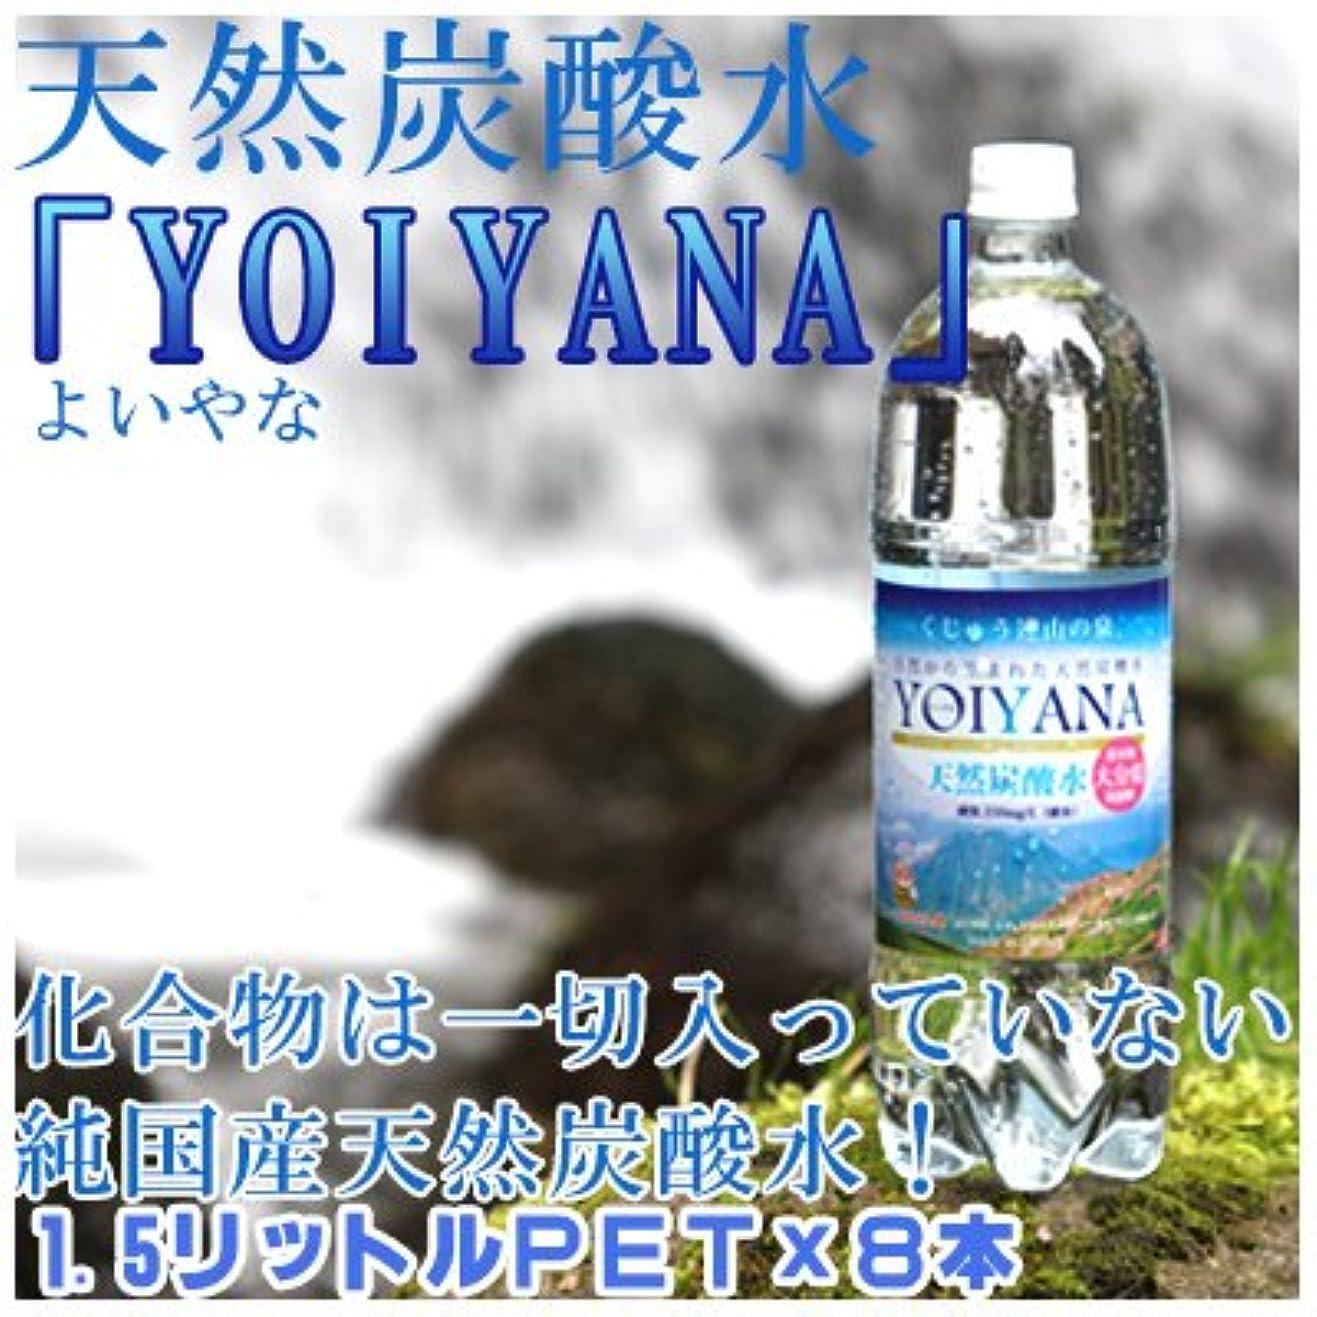 枕物理的なコントラスト天然炭酸水 よいやな 1.5リットルPET 1ケース(8本入り)YOIYANA